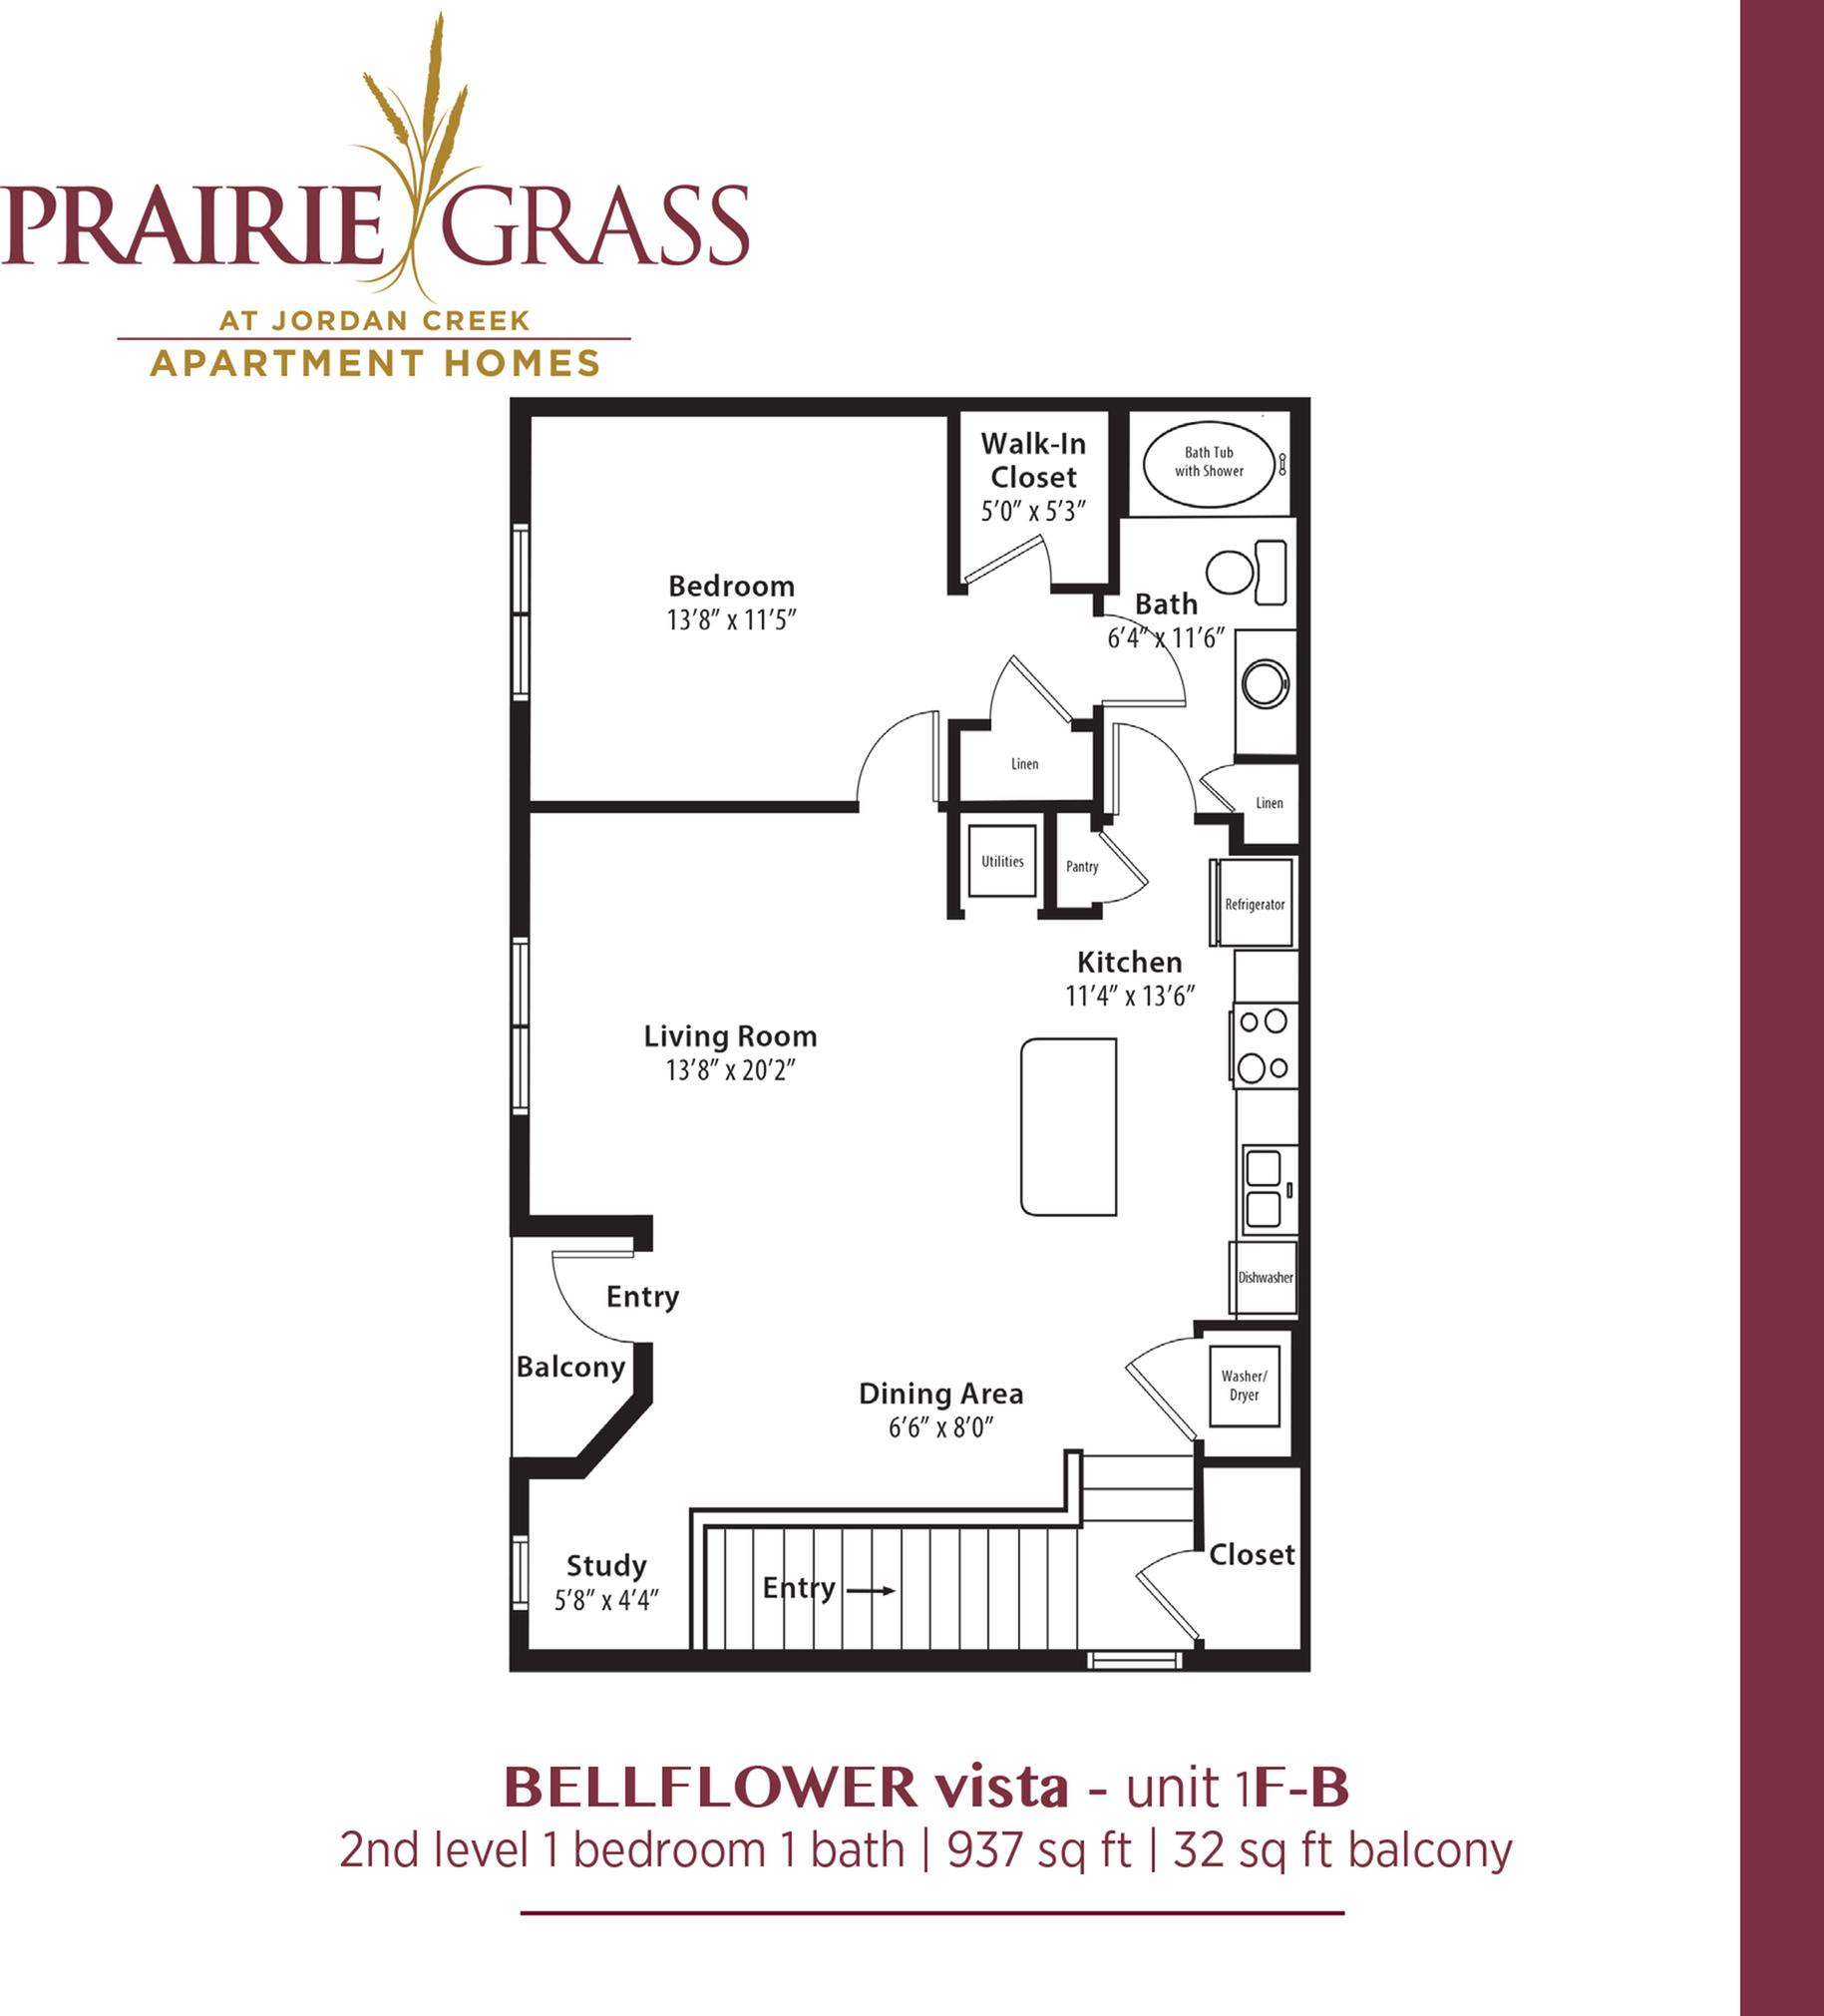 Bellflower Vista - Upper 1 Bedroom with Balcony